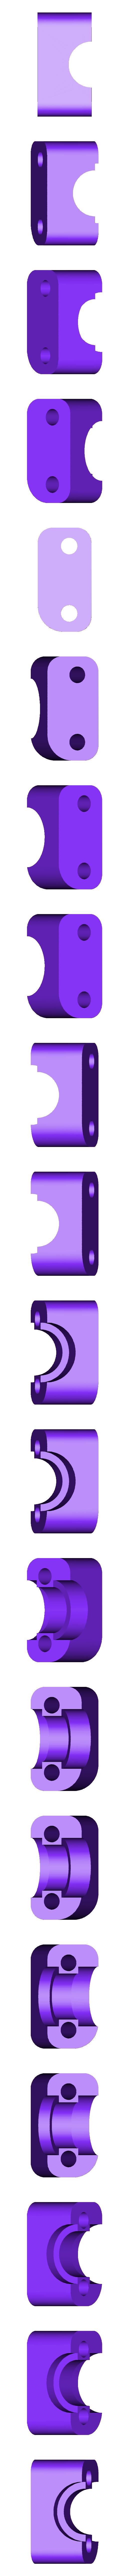 mount_l_.stl Télécharger fichier STL gratuit DaVinci Pro Dual E3D V6 Bowden Extrudeuse Pro Dual E3D • Objet pour imprimante 3D, indigo4